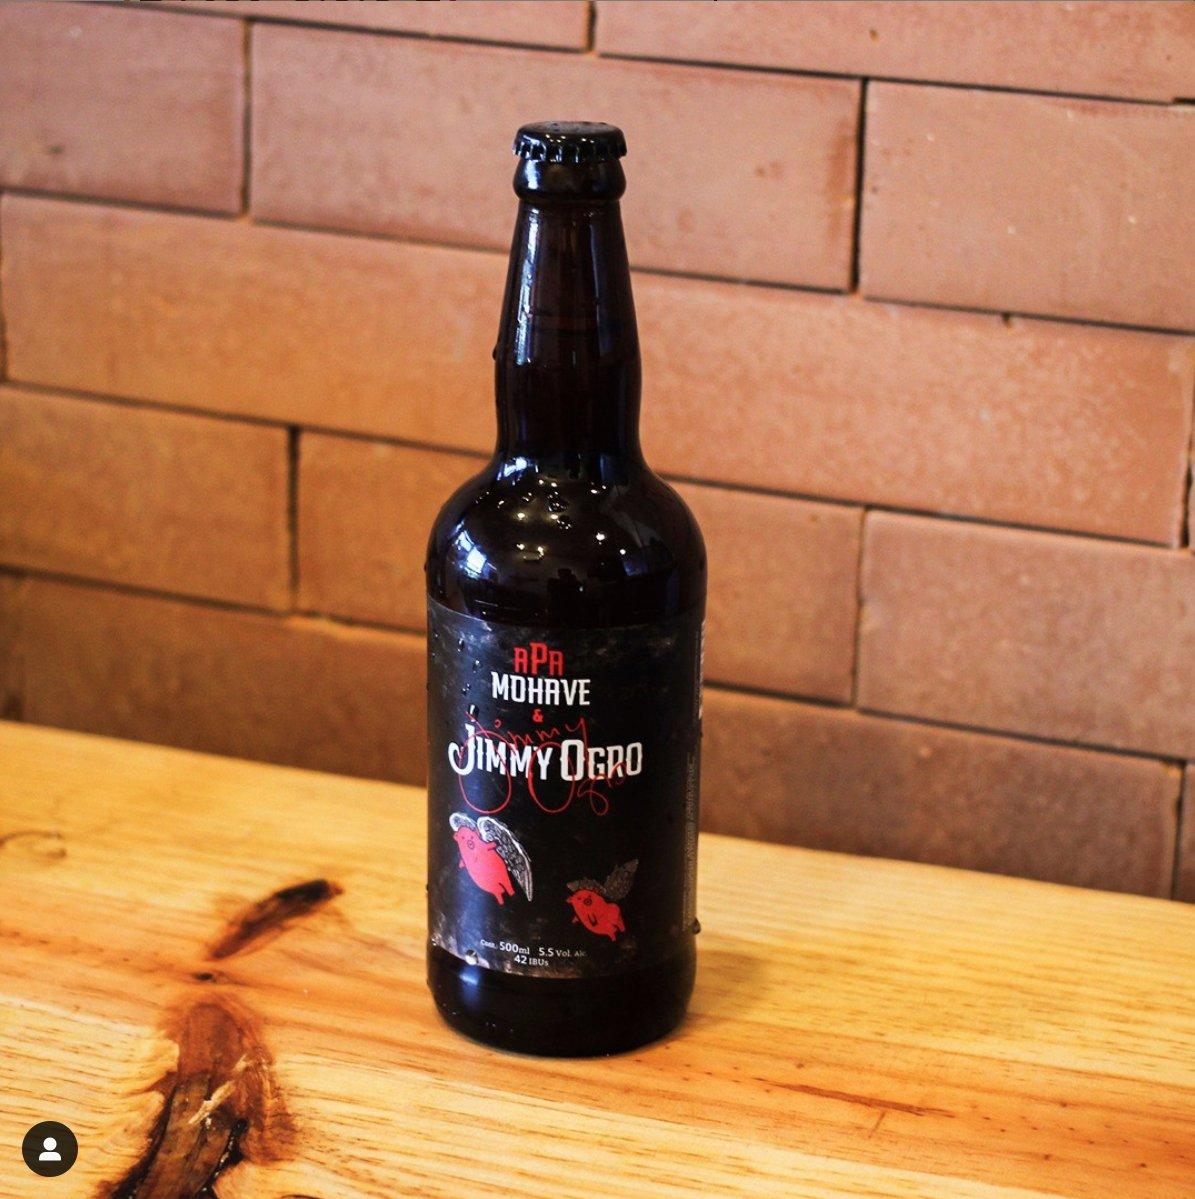 Nossa APA assinada por @OgroJimmy , é a melhor opção possível para curtir esse tempo em casa! . Garanta já a sua pelo nosso link abaixo! . https://www.cervejariamohave.com.br . #cerveja #cervejaartesanal #cervejariamohave #entrega #jimmyogro #bandita #delivery #beer #beerdelivery #quarentenapic.twitter.com/BvFJEunSn3